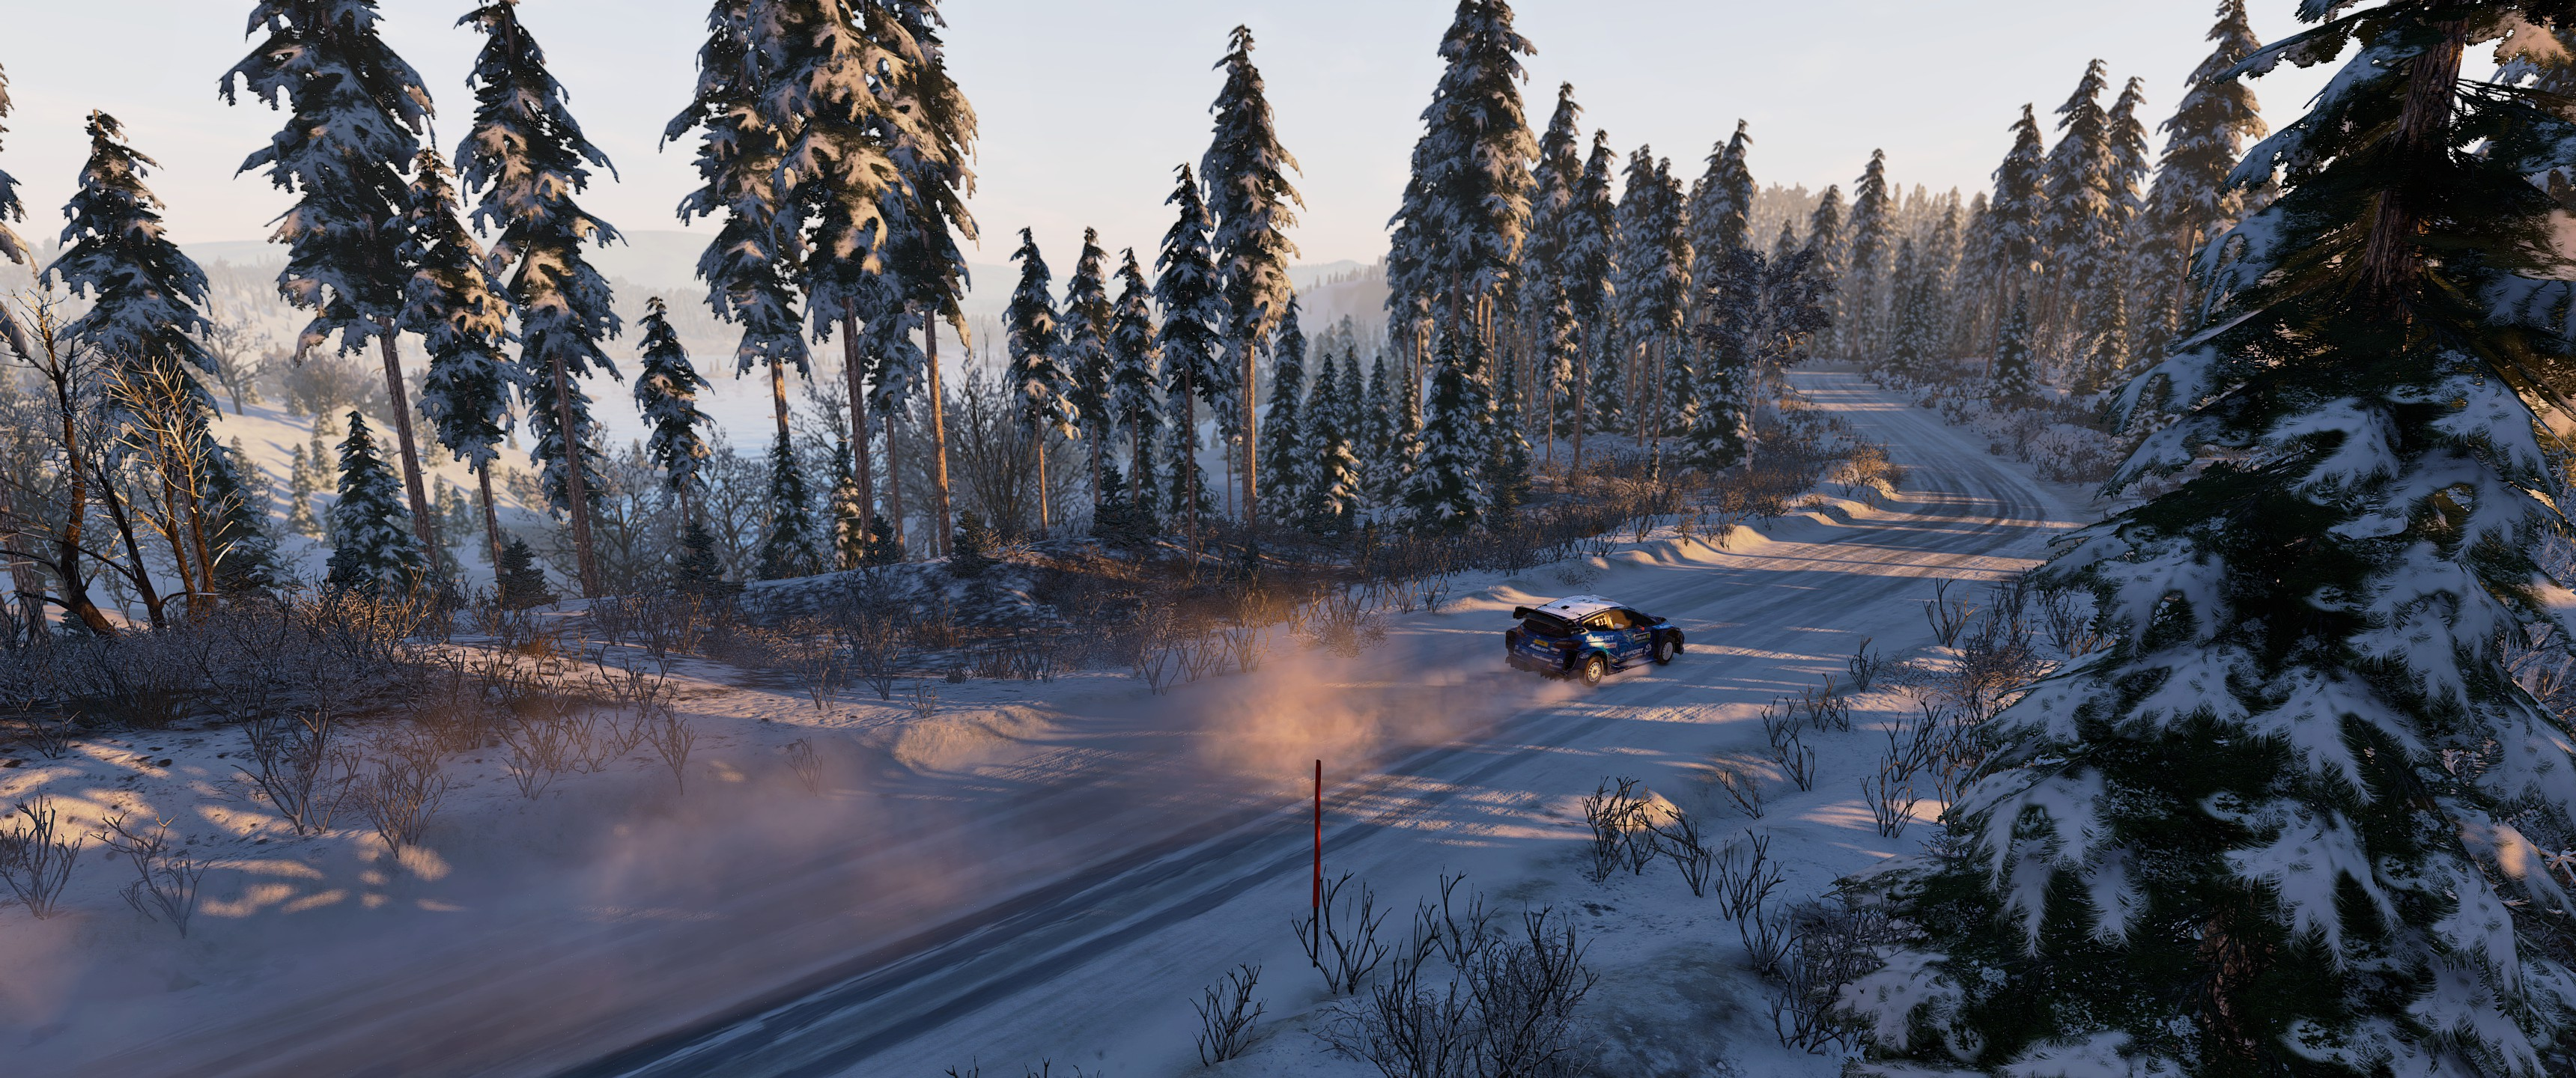 WRC8 2019-12-05 21-10-49.jpg